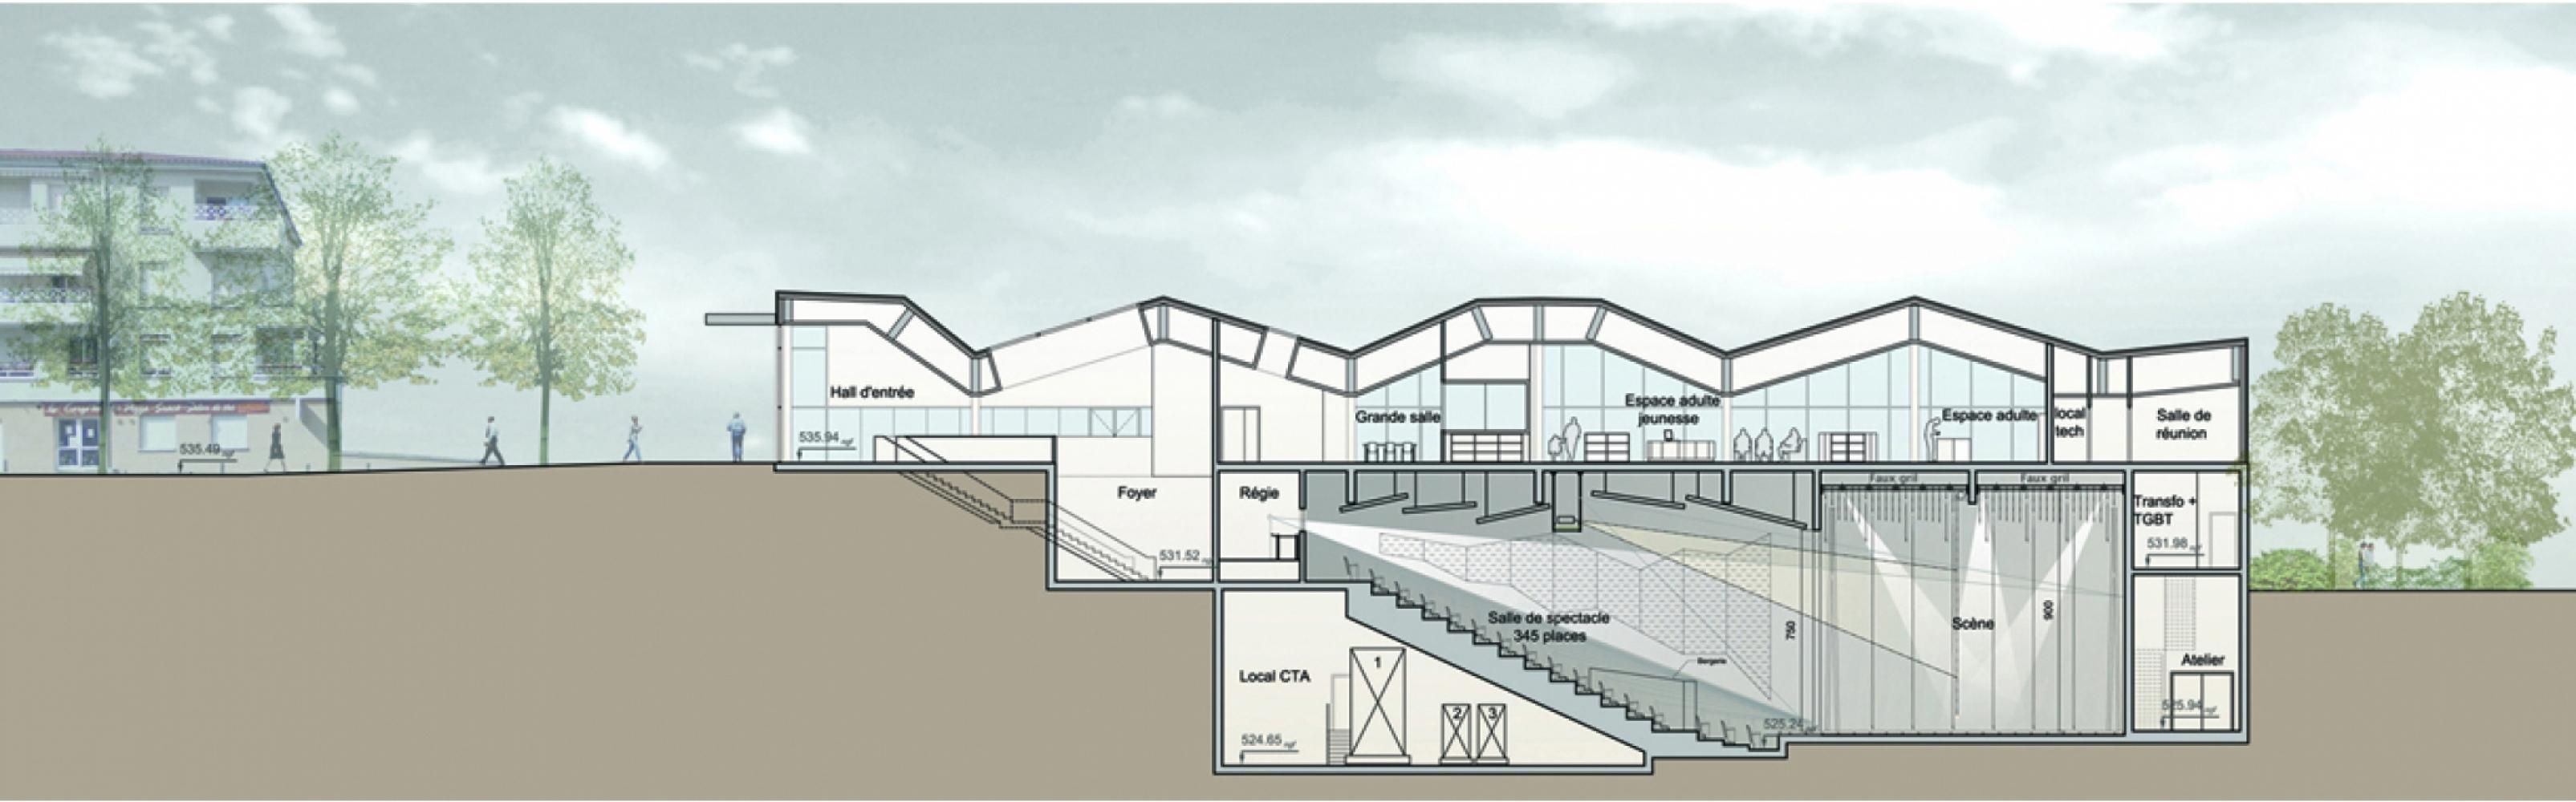 roche01 Pascale SEURIN Architecte - Pascale SEURIN Architecte